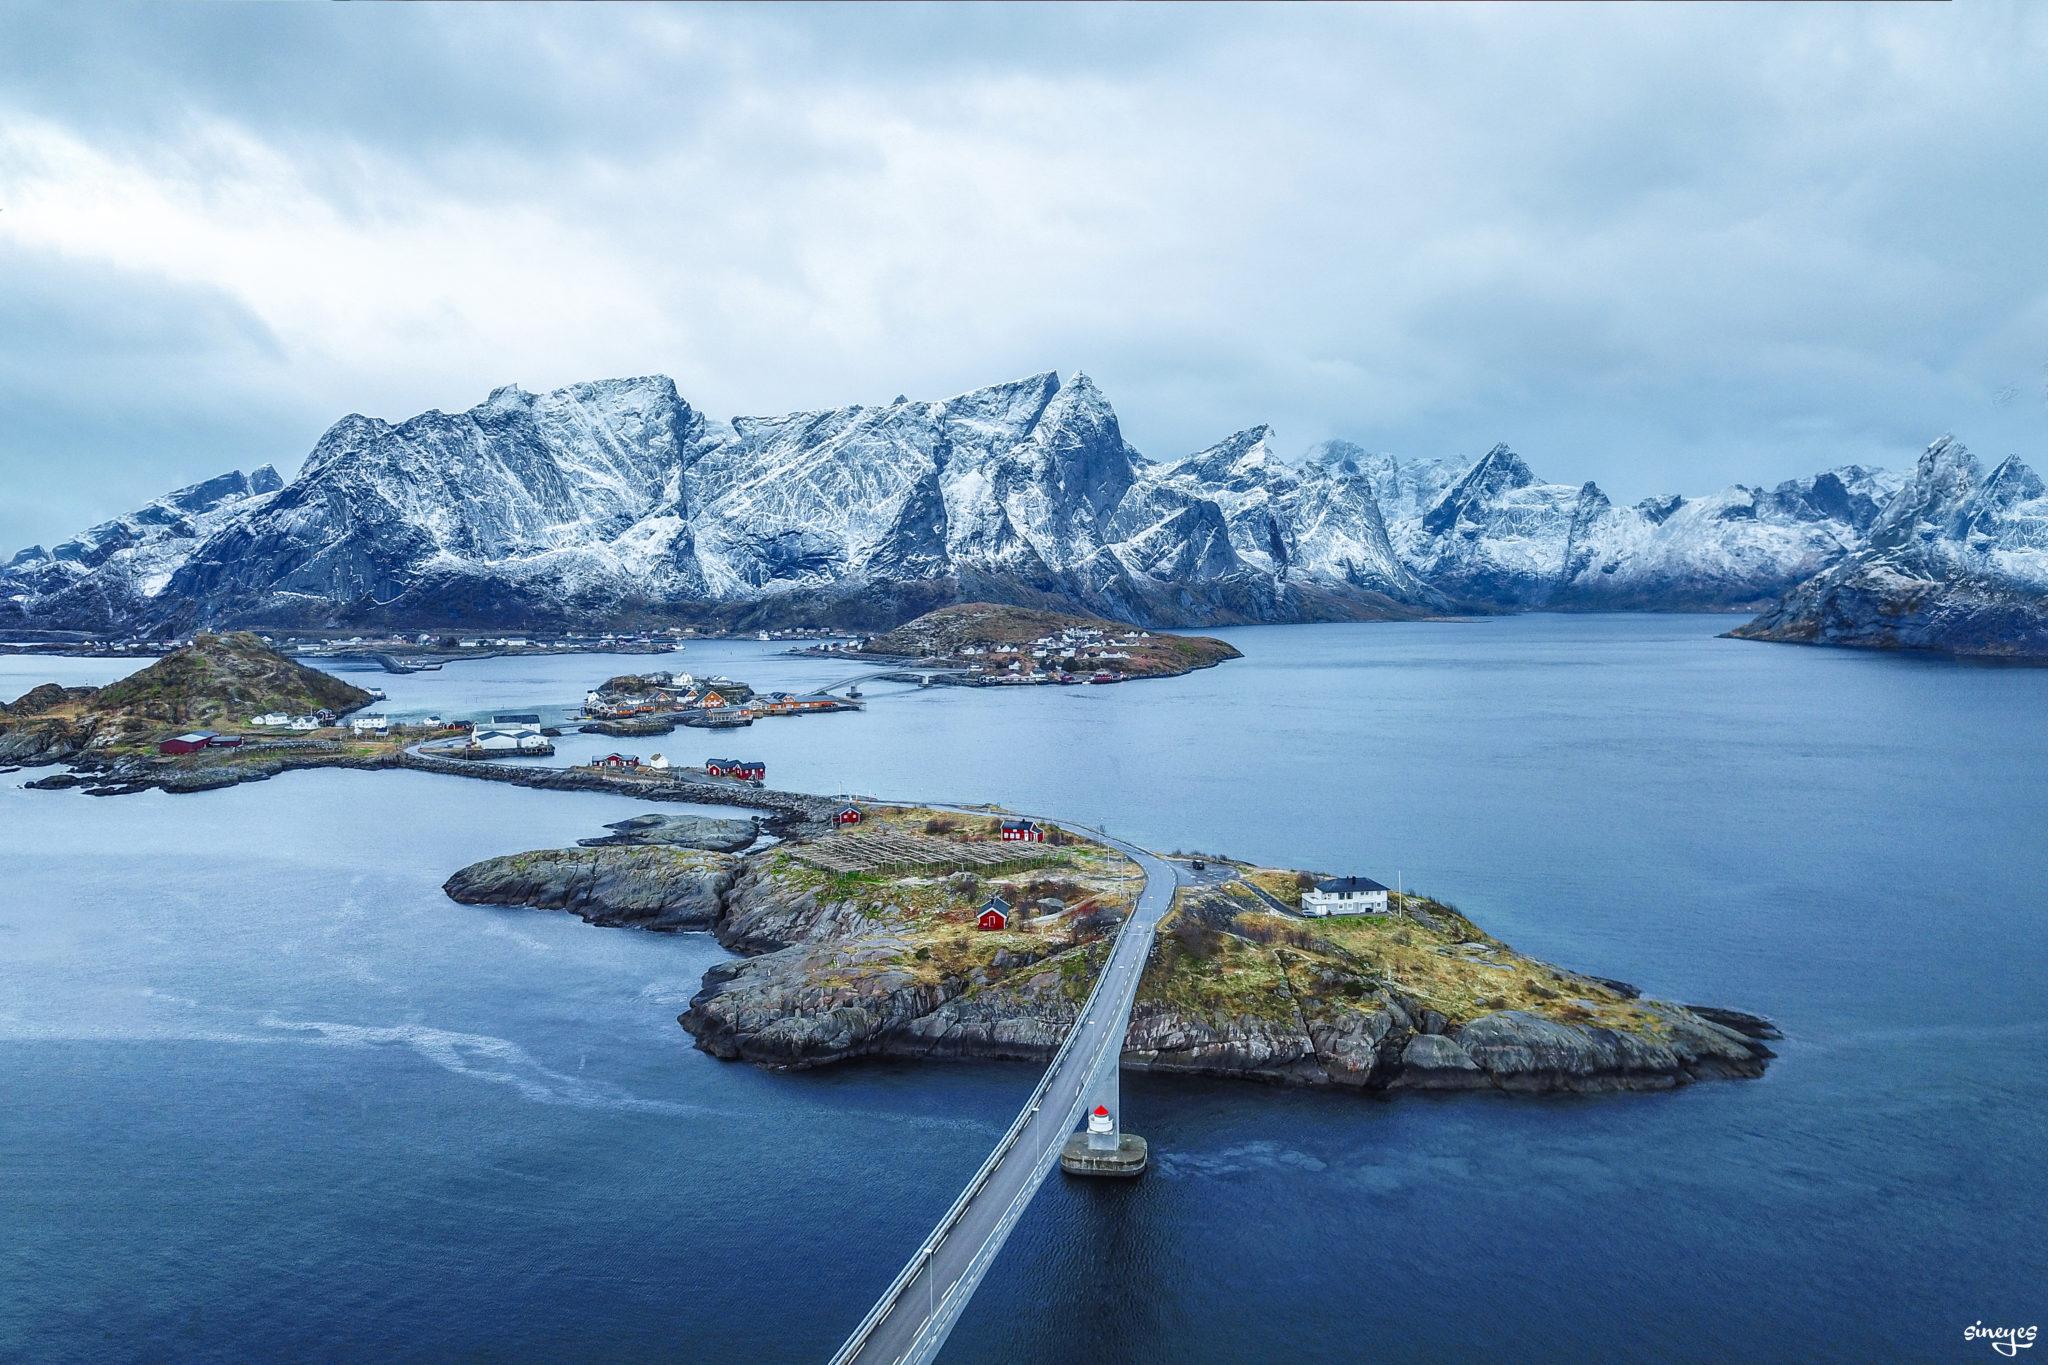 Vers Reine - iles Lofoten, Norvège by sineyes